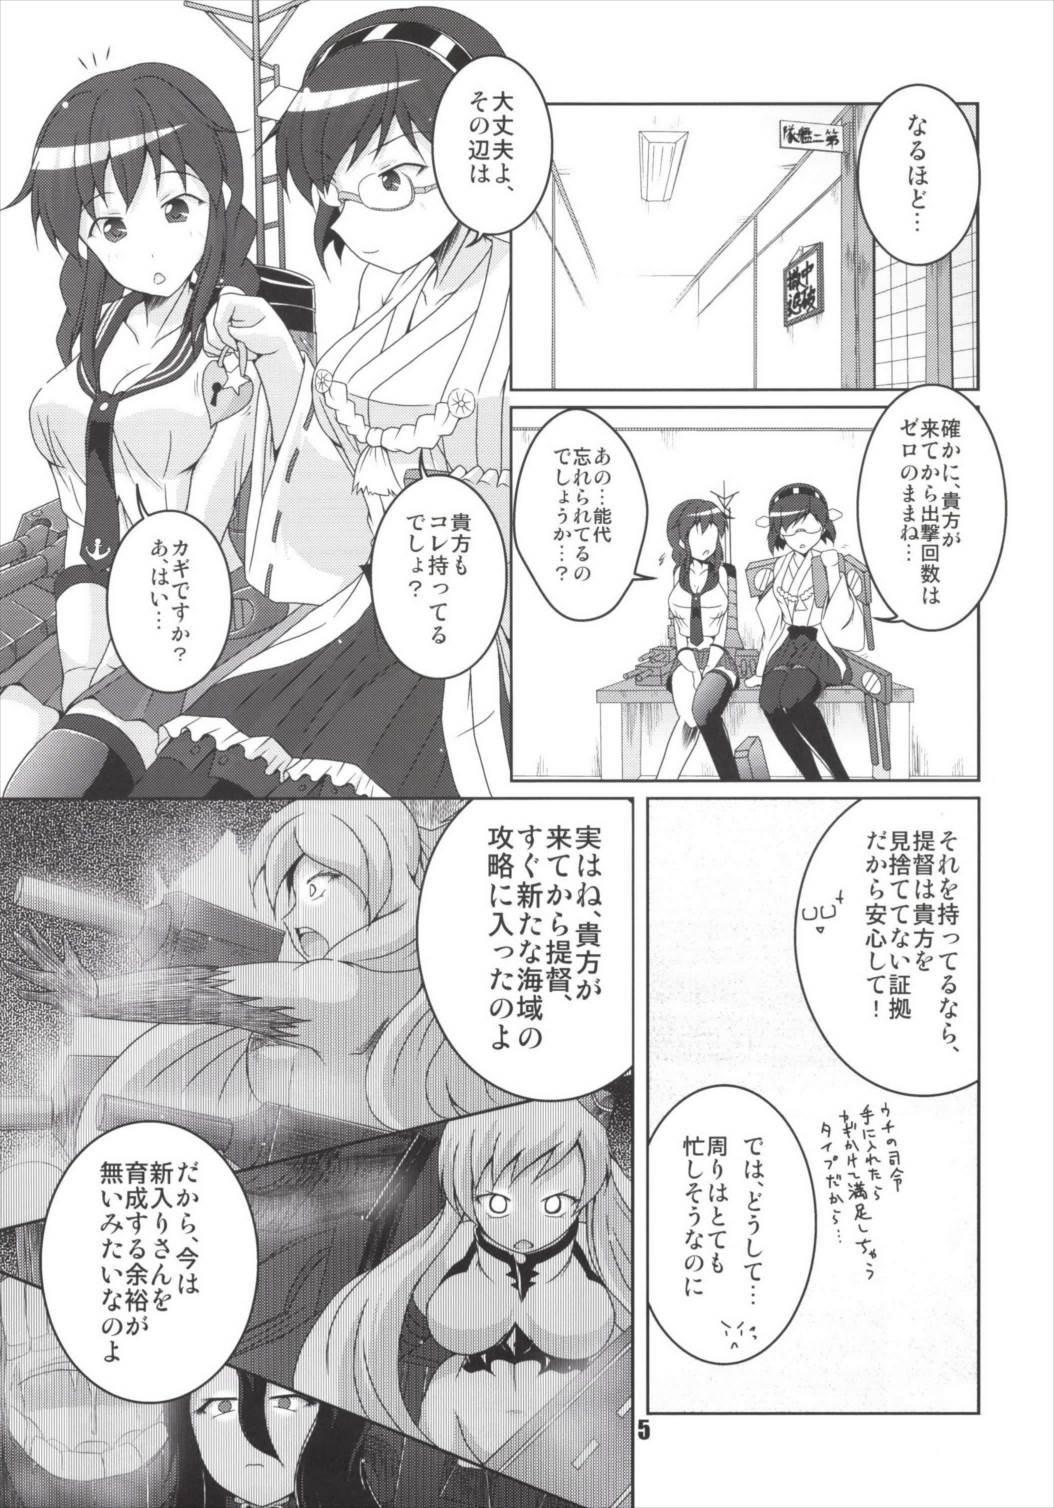 Noshiro no Deban wa Mada desu ka? 4